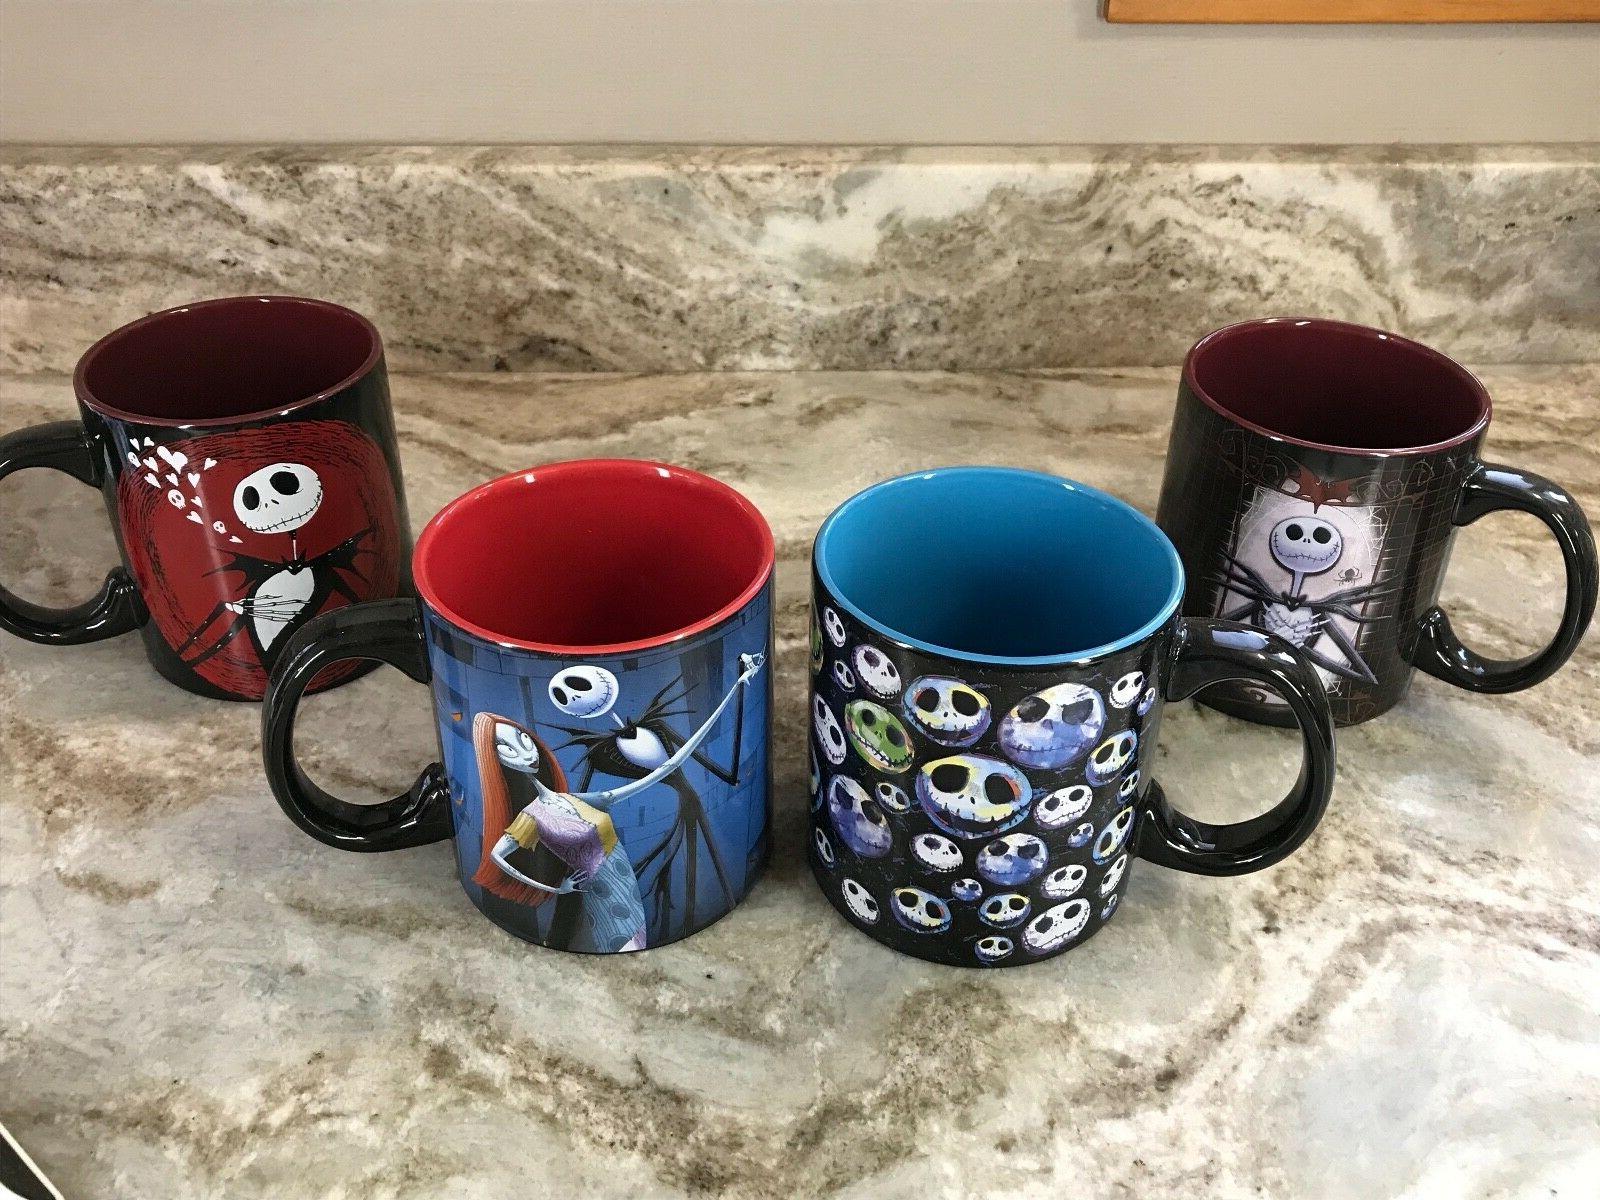 Nightmare Before Christmas Coffee Mug.The Nightmare Before Christmas Coffee Mug Red Blue You Choose 20 Oz New